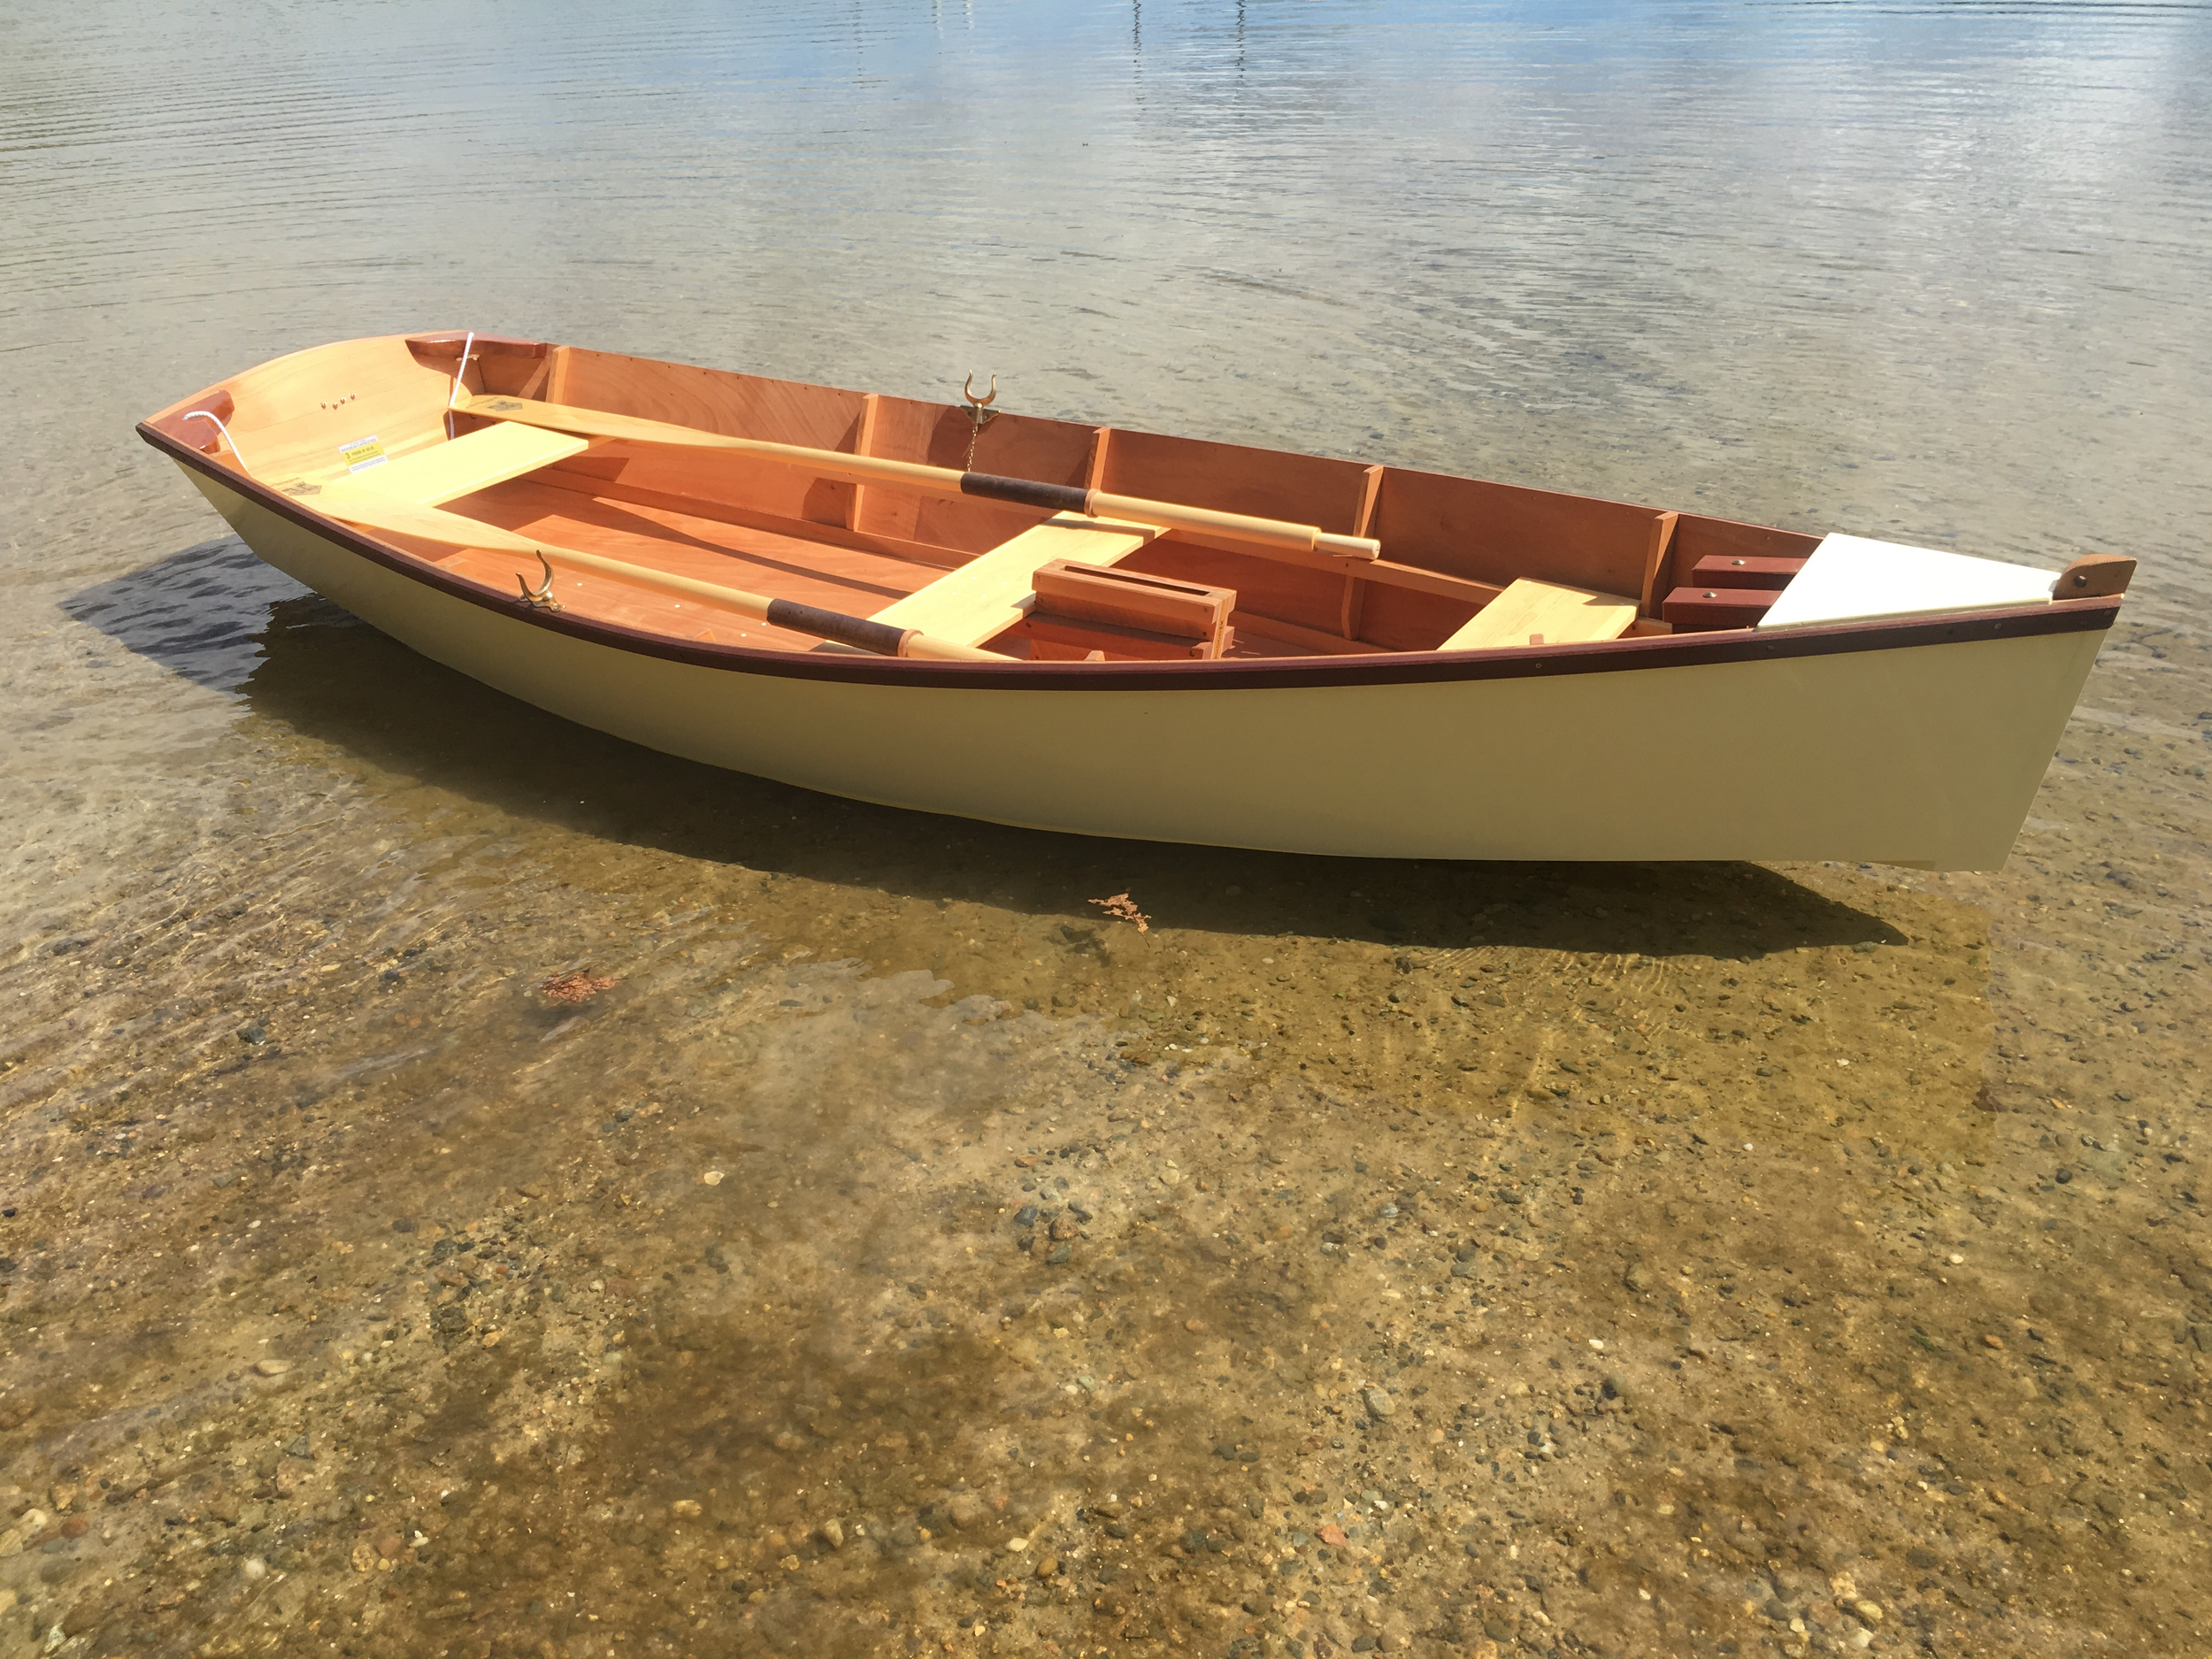 Bevin's skiff on Gull Pond